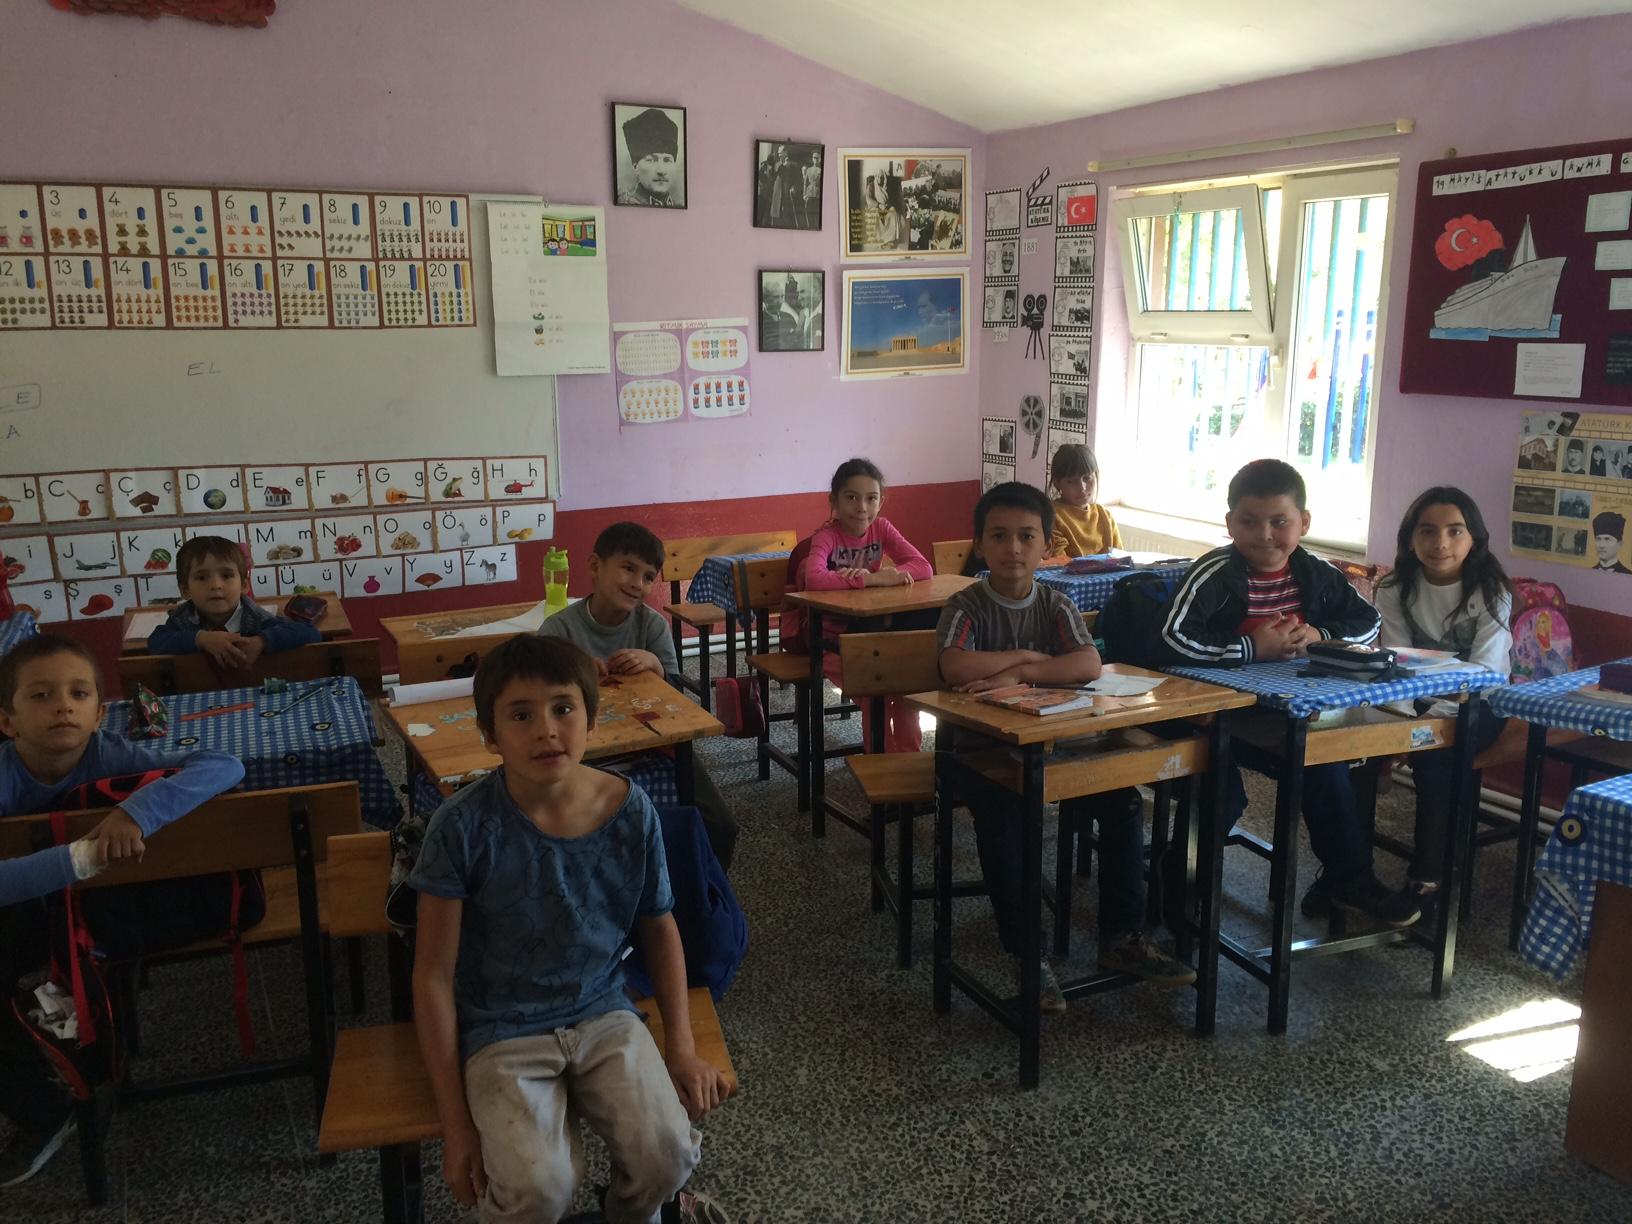 Şükürler İlkokulu'nda Sıfır Atık Konulu Eğitim Verildi